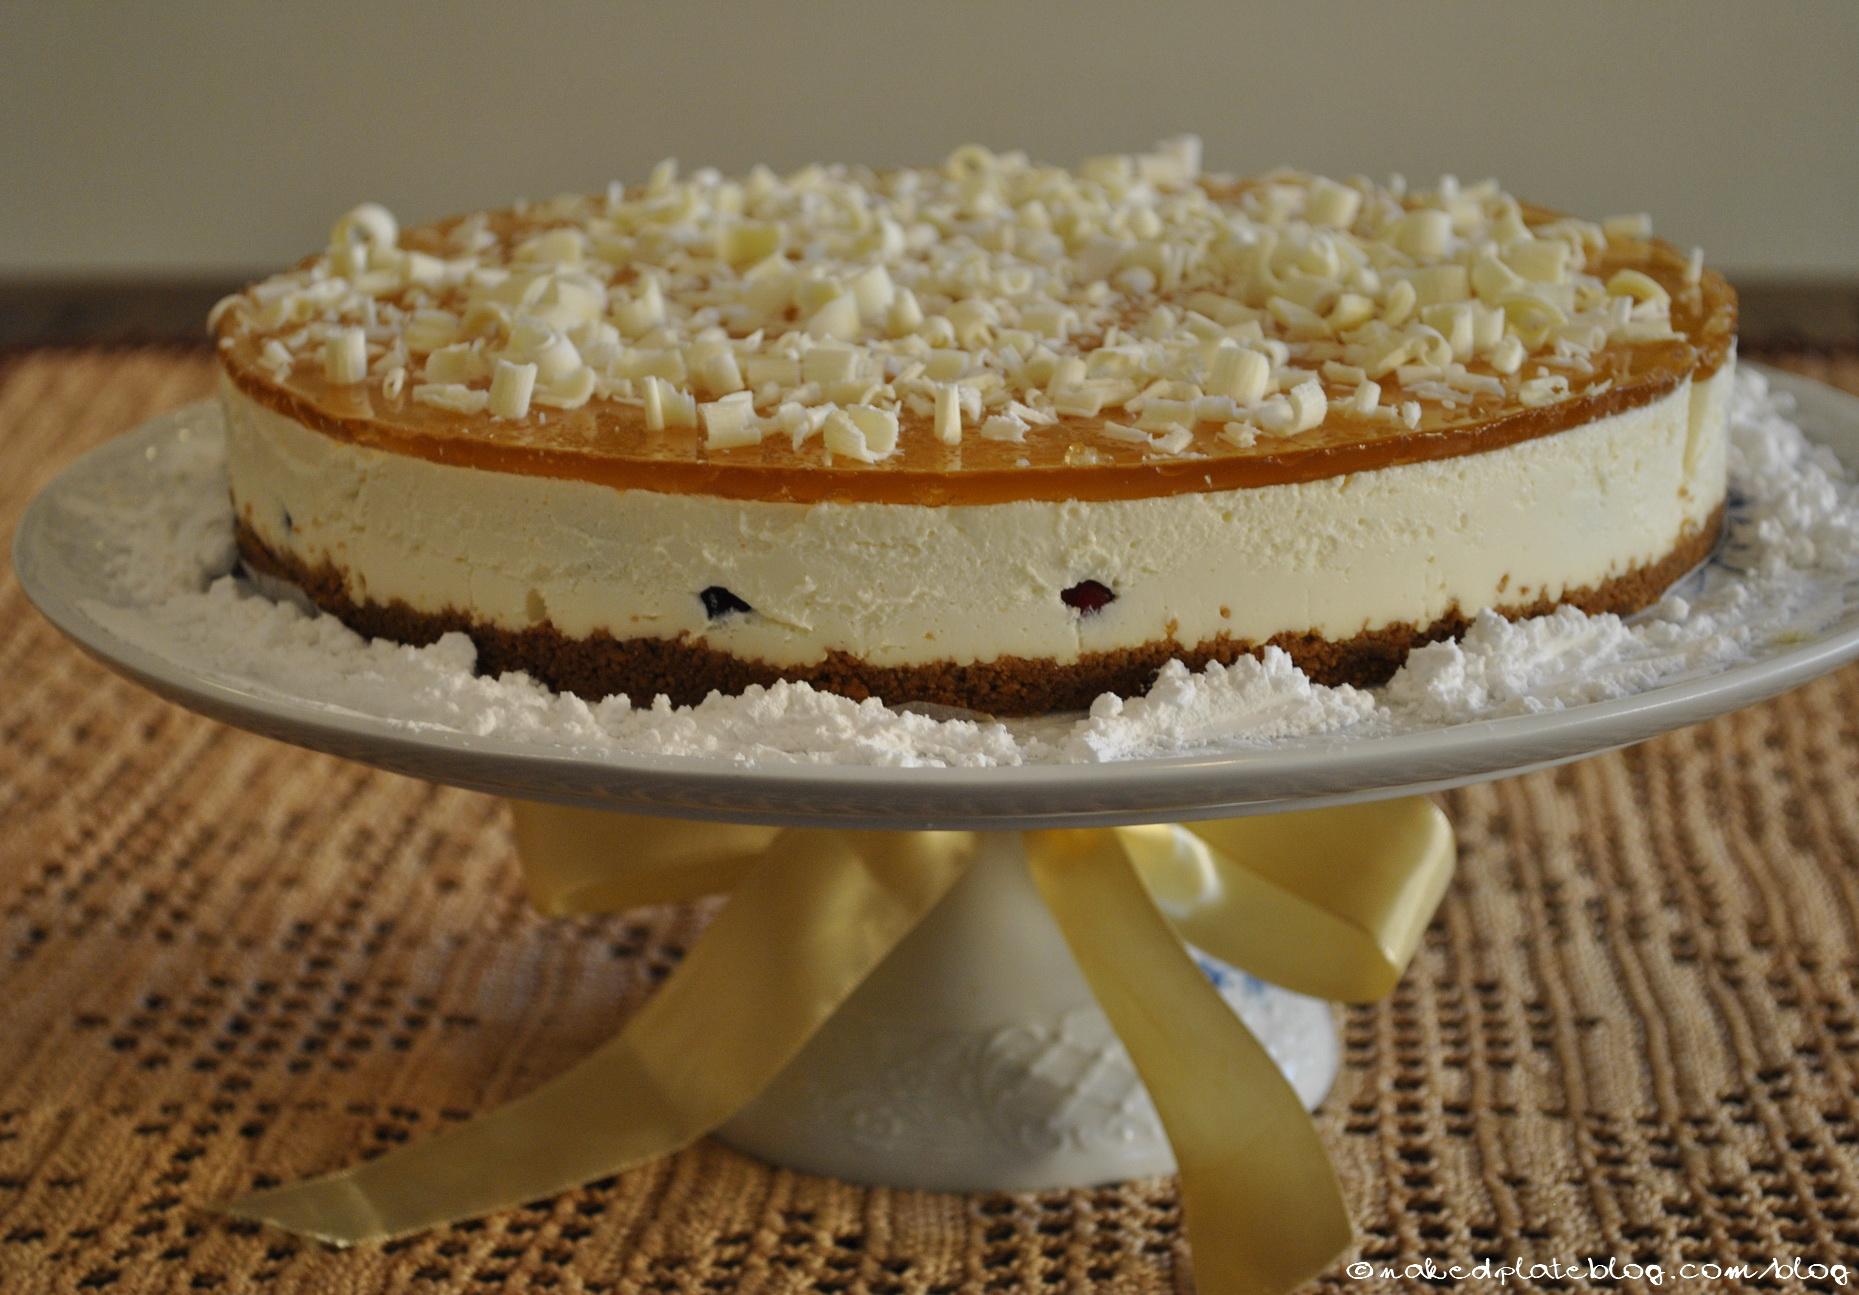 Glogg cake